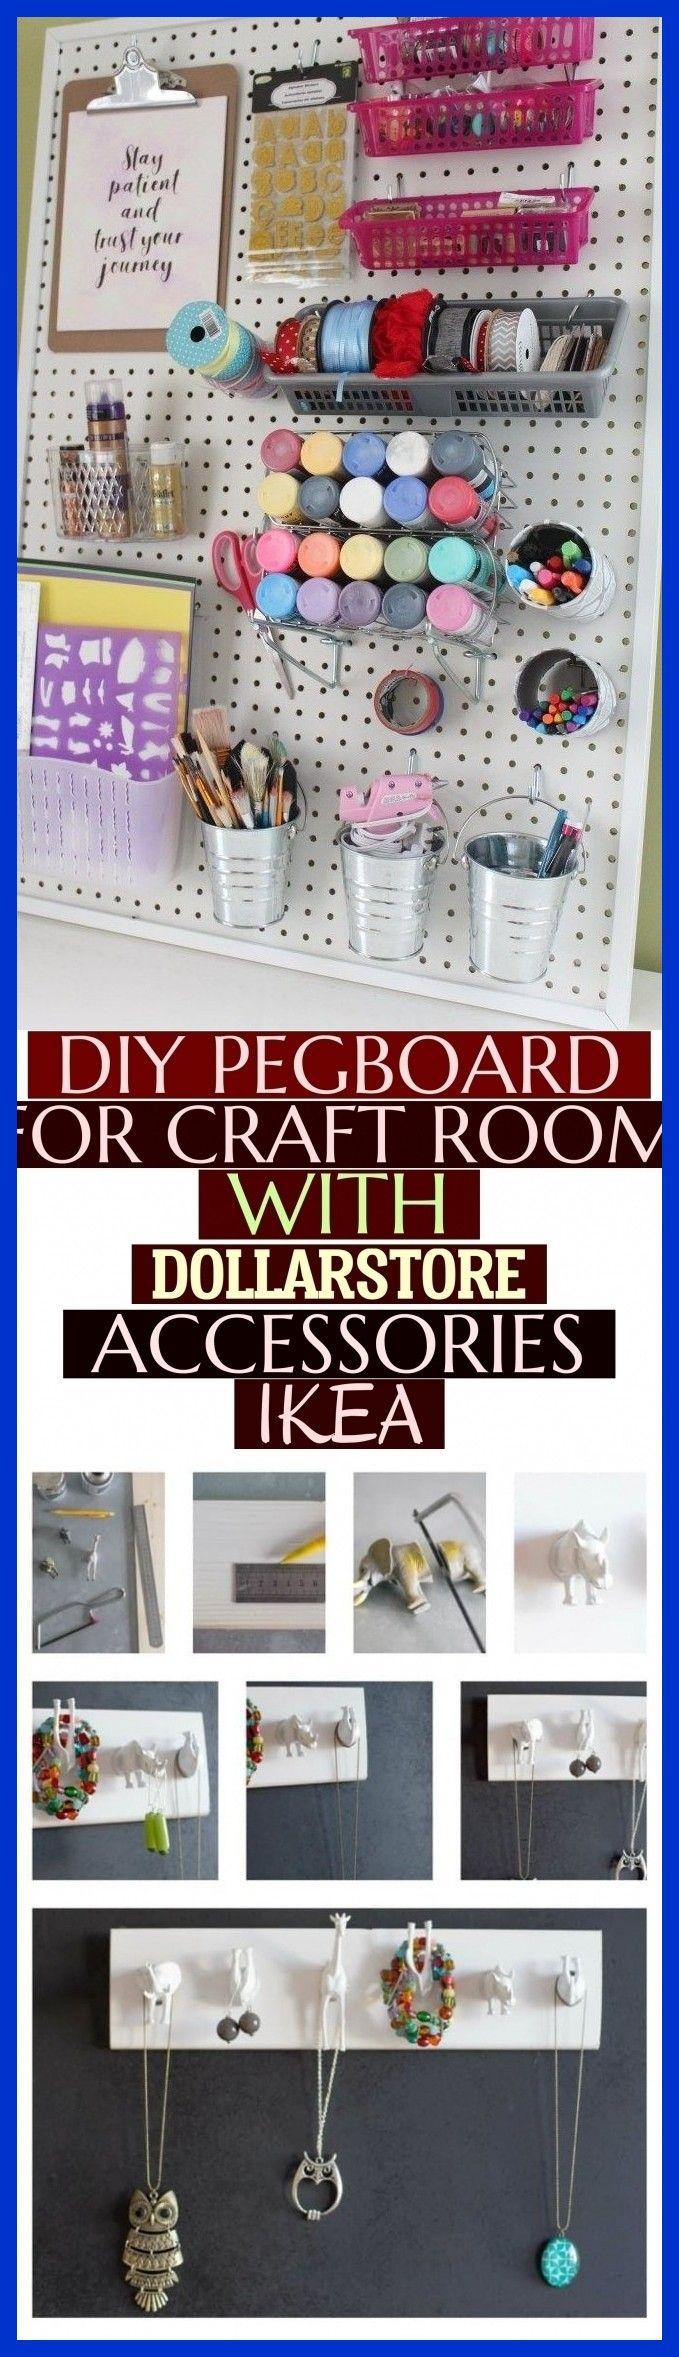 Mehr als 25 Diy Pegboard für Bastelraum mit Dollarstore Zubehör – Ikea – # …